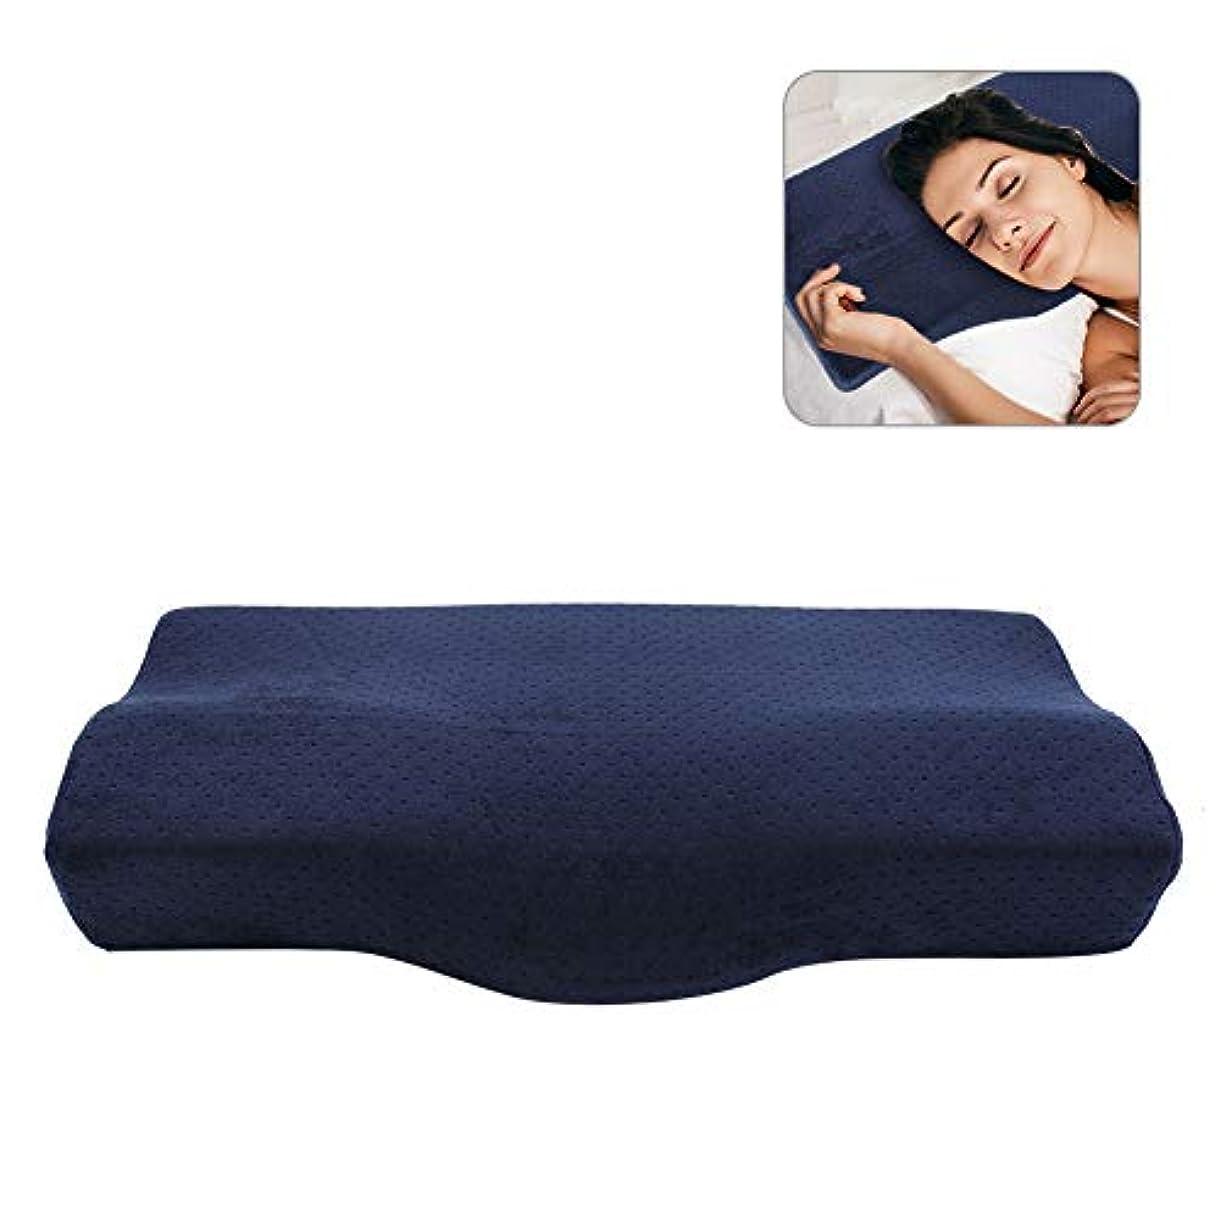 伝えるアセ自慢枕 安眠 低反発枕 肩こり対策 頸椎サポート 肩こり対策 首?頭?肩 子供 大人向き 美容院&グラフトまつげ (ダークブルー)